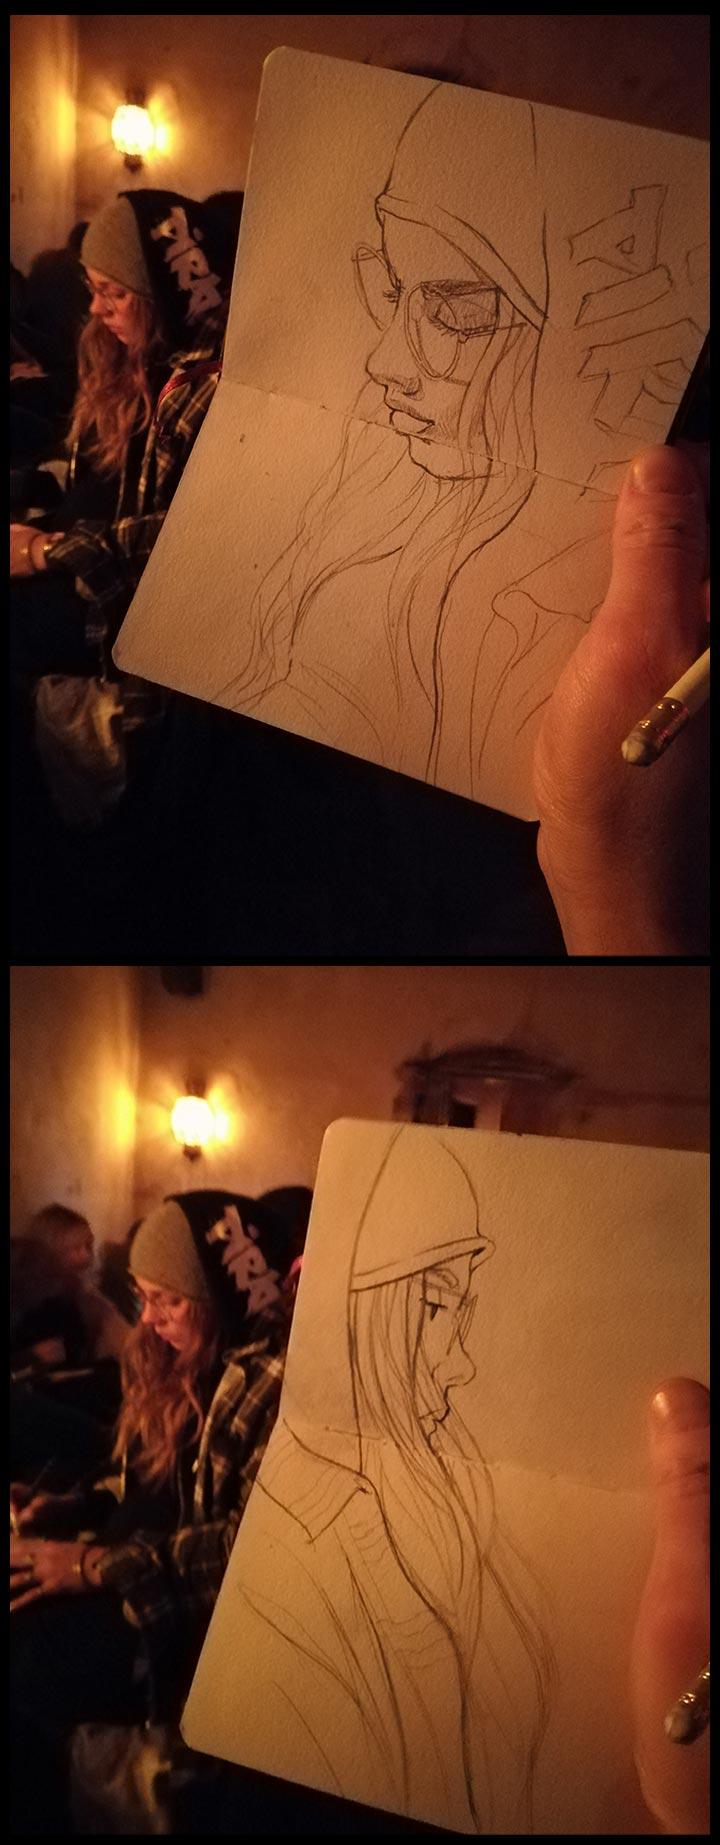 el-bocho-sketch